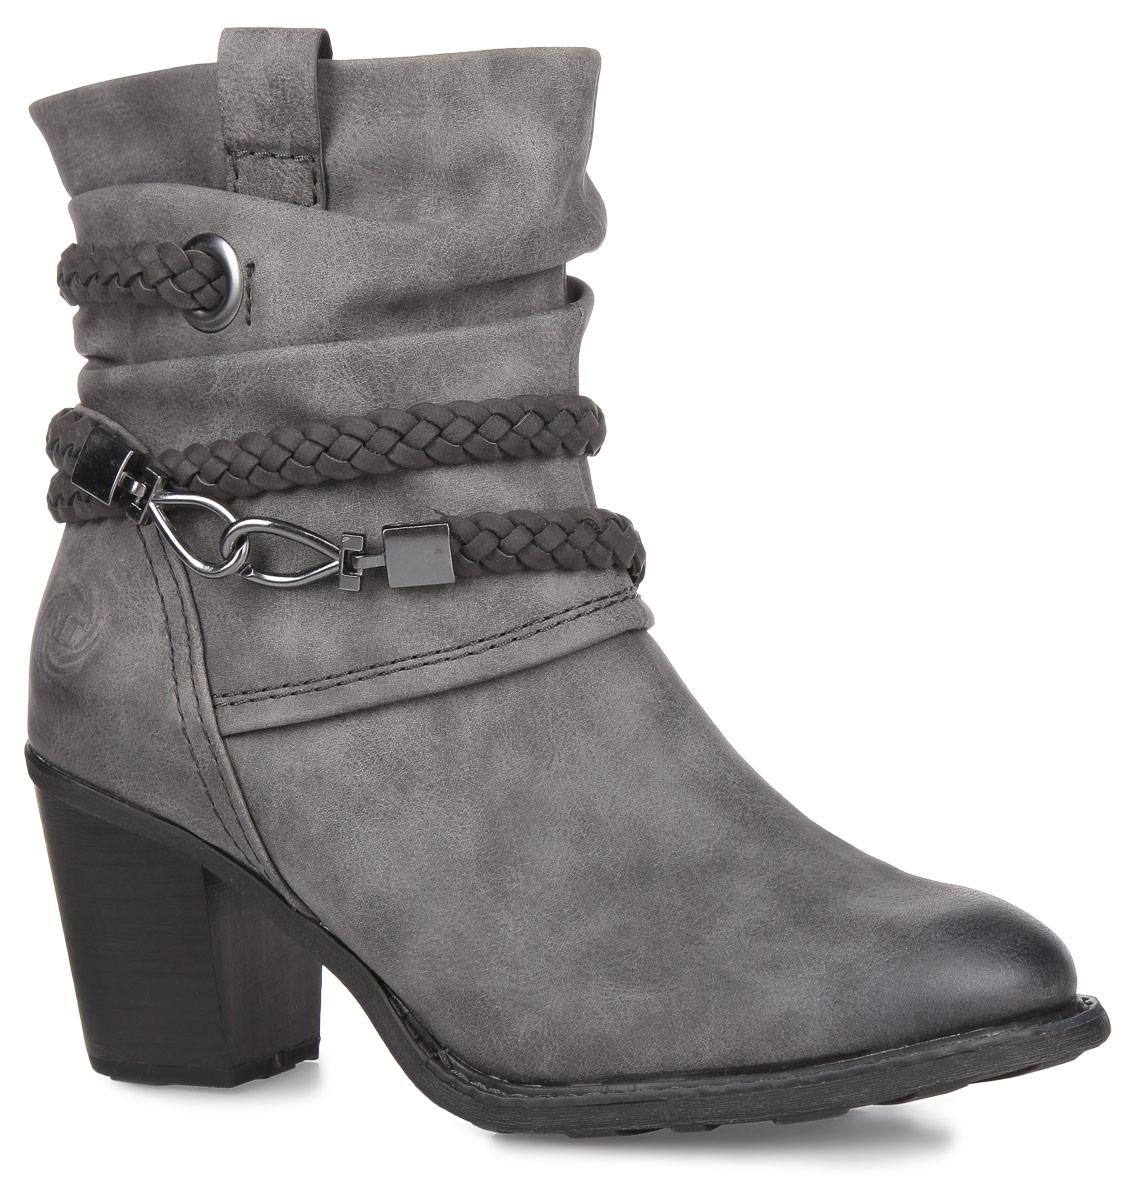 Ботинки женские. 2-2-25344-25-2022-2-25344-25-202Оригинальные женские ботинки от Marco Tozzi заинтересуют вас своим дизайном. Модель выполнена из искусственной кожи. Внутренняя подкладка и стелька - из текстиля, защитят ноги от холода и обеспечат комфорт. Объем голенища от щиколотки до верха украшен декоративными складками, а также оригинальным ремешком с плетением косички и двумя карабинами. Сбоку предусмотрен хлястик, помогающий надеть обувь. Умеренной высоты каблук, стилизованный под дерево, устойчив. Ботинки застегиваются на молнию, расположенную на одной из боковых сторон. Подошва из резины с рельефным протектором обеспечивает отличное сцепление на любой поверхности. В этих ботинках вашим ногам будет комфортно и уютно. Они подчеркнут ваш стиль и индивидуальность.